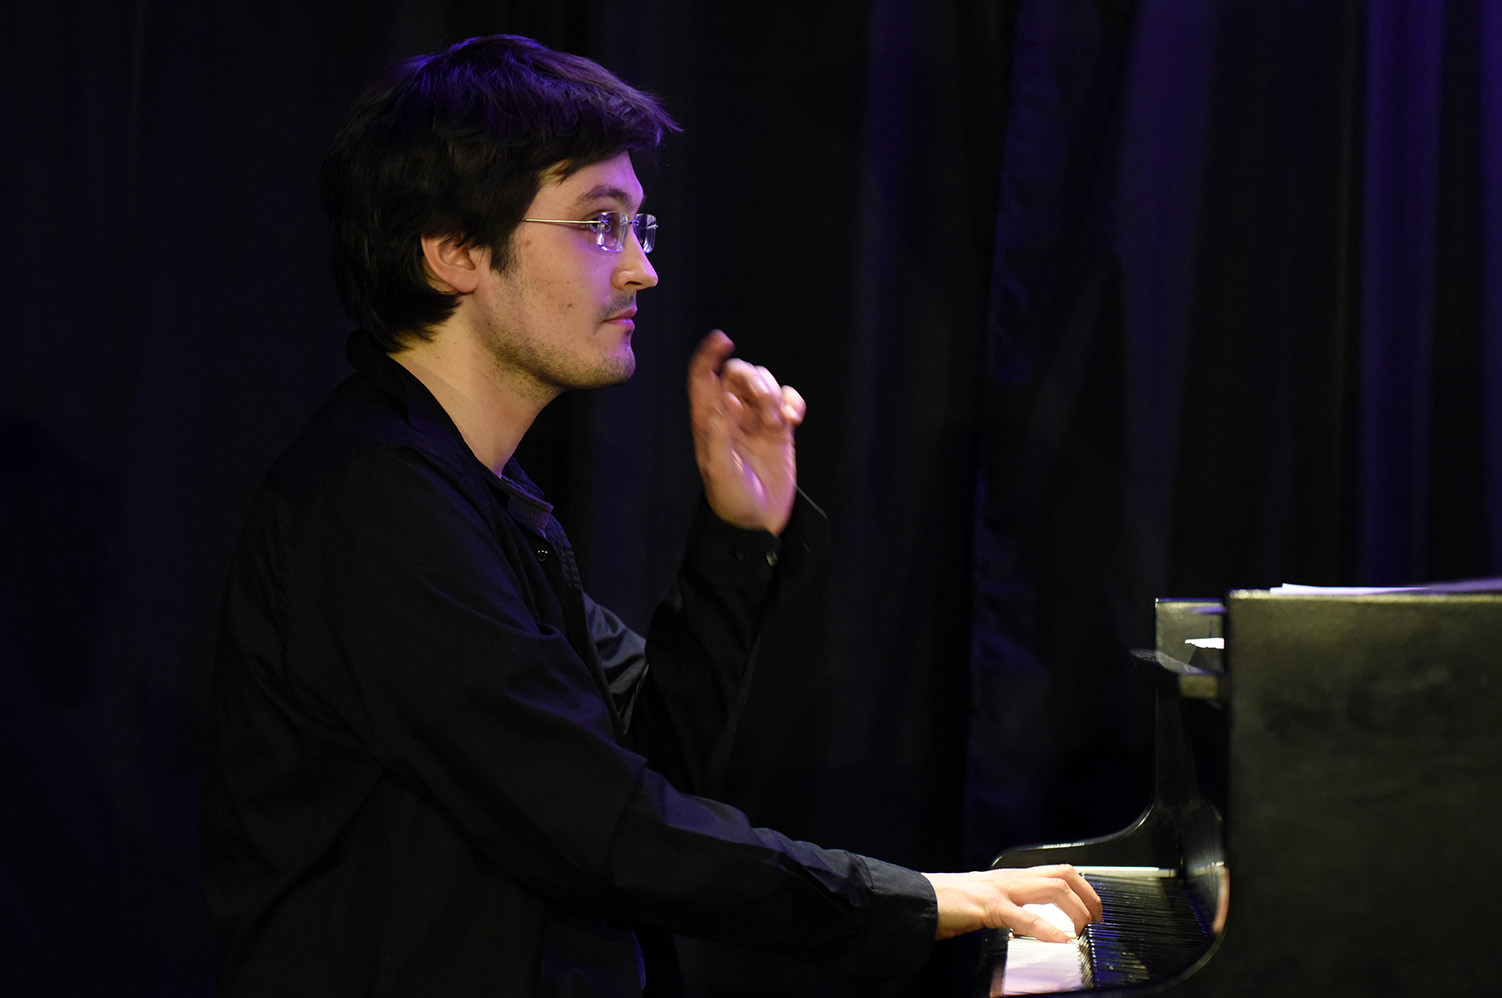 Kuba Płużek Trio -09.05.2019 r. , Fot: Leszek Pilichowski